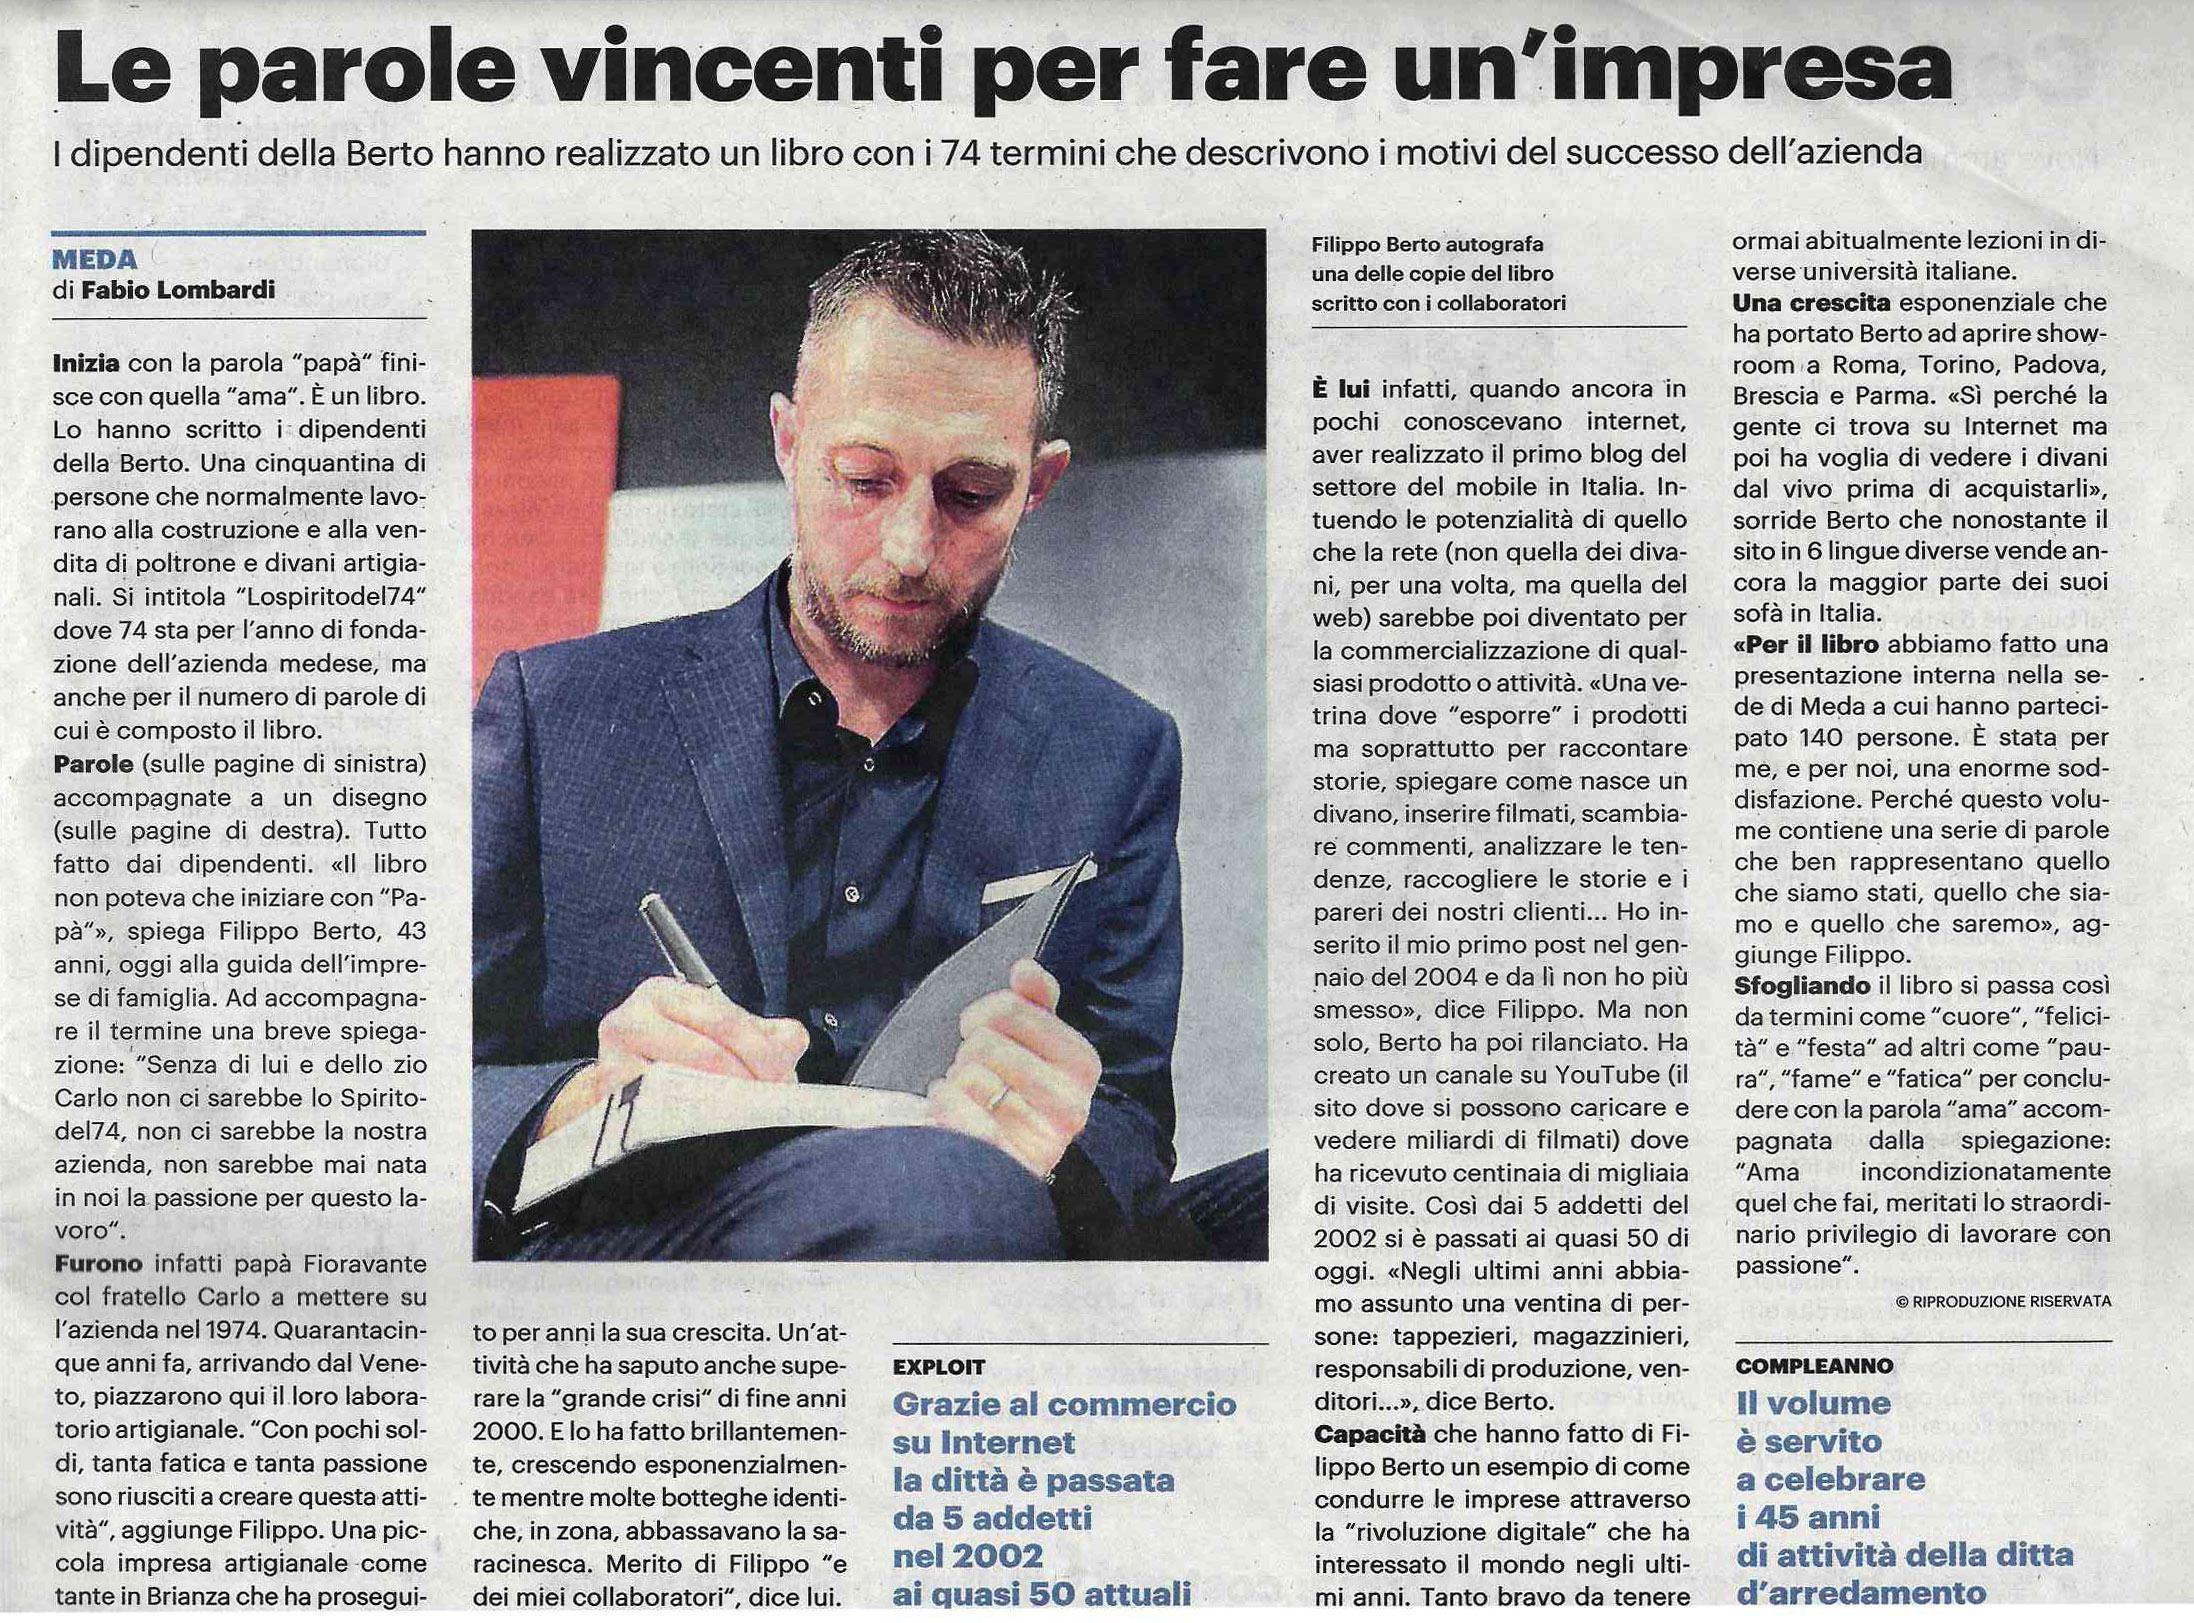 Filippo Berto sul quotidiano Il Giorno